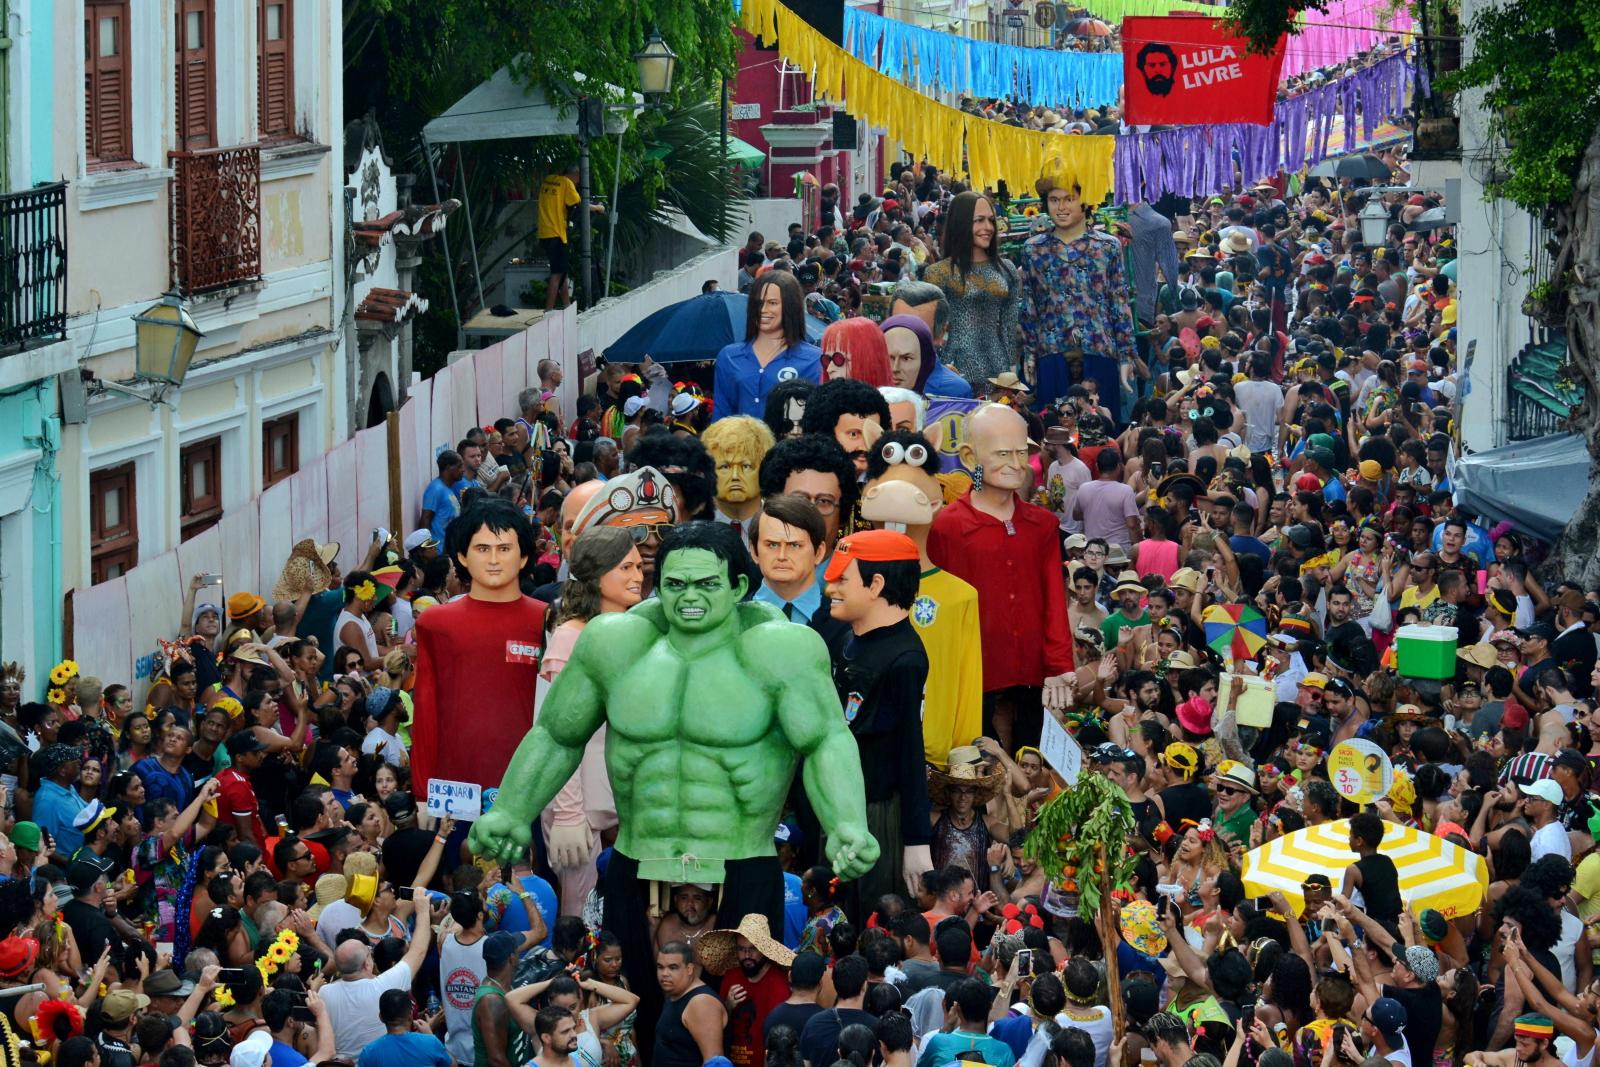 Karnawał w Brazylii fot. EPA/NEY DOUGLAS